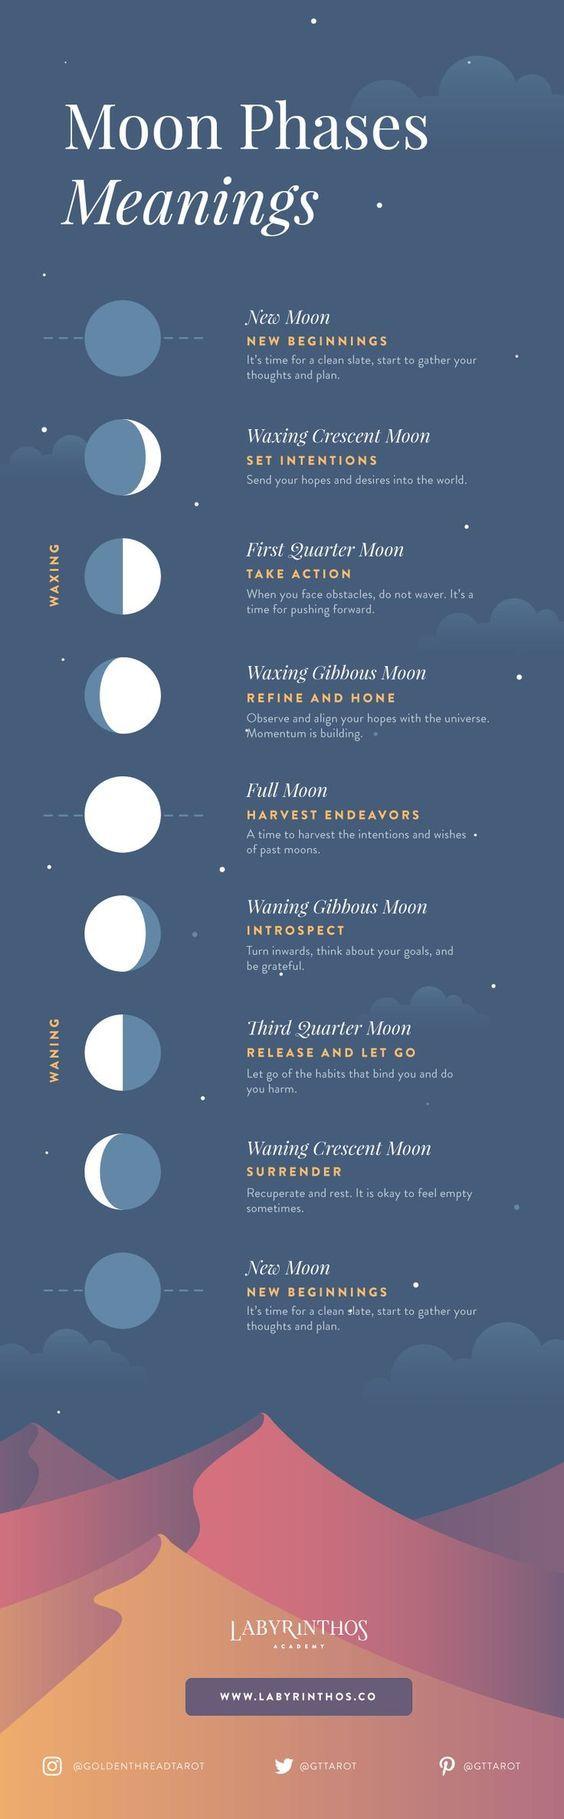 As fases da lua influenciam nossos resultados...